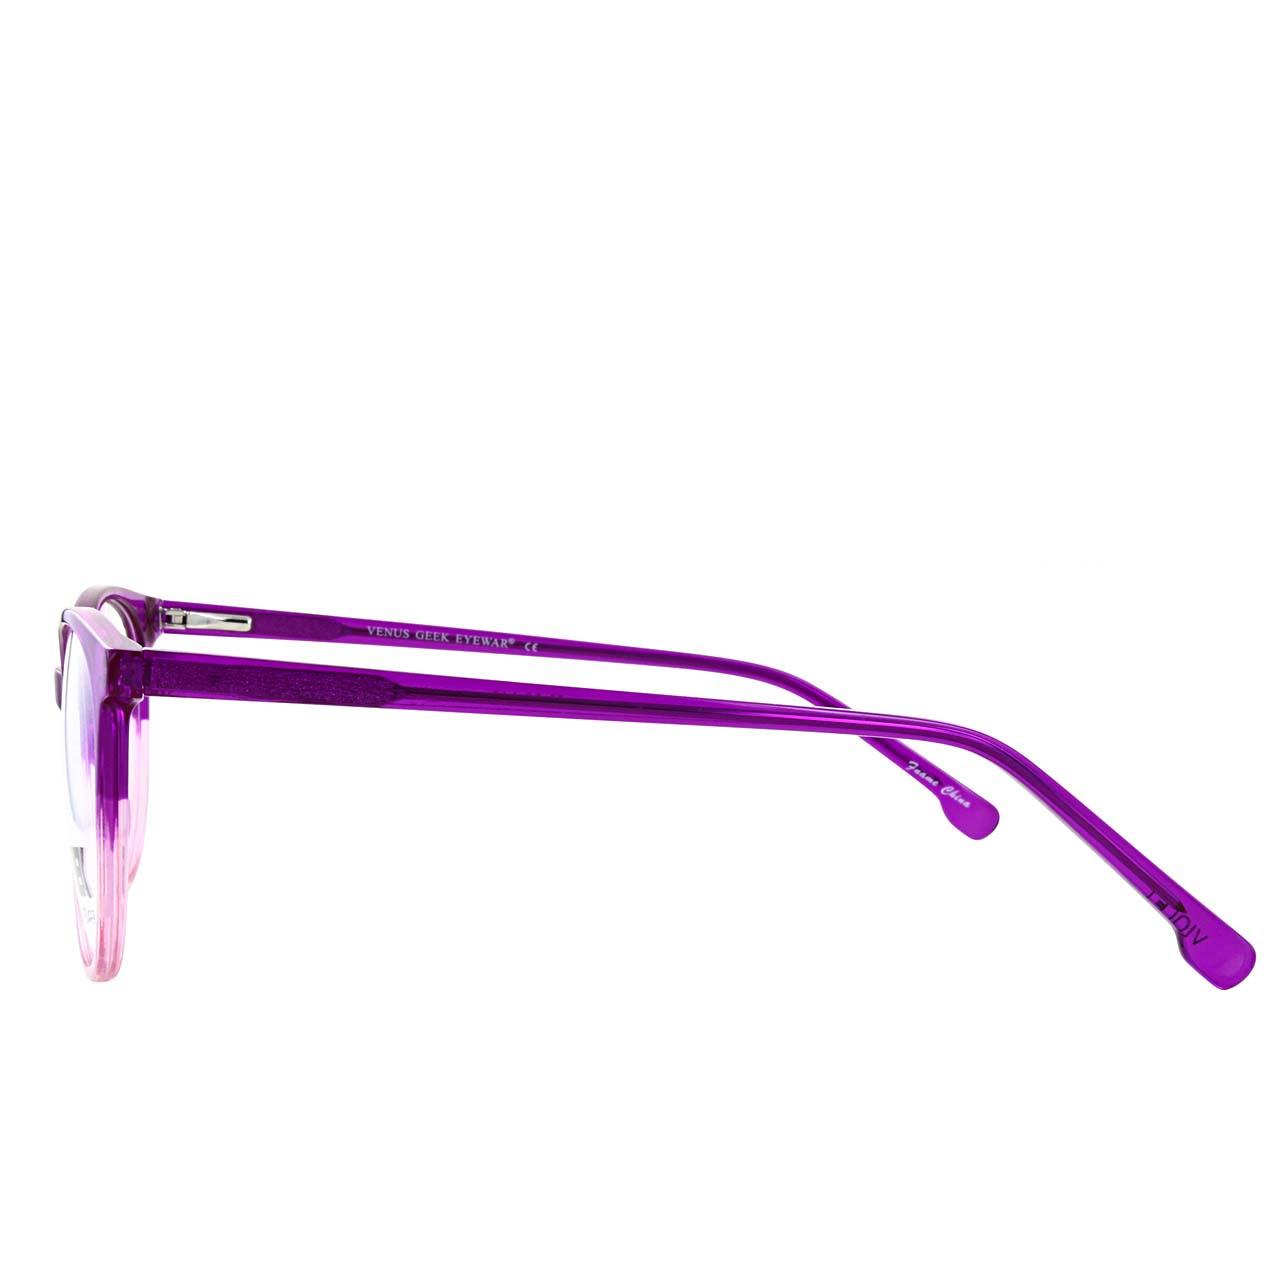 GEEK Eyewear GEEK VENUS Black, Crystal, Violet, Grey, Blue, Tortoise